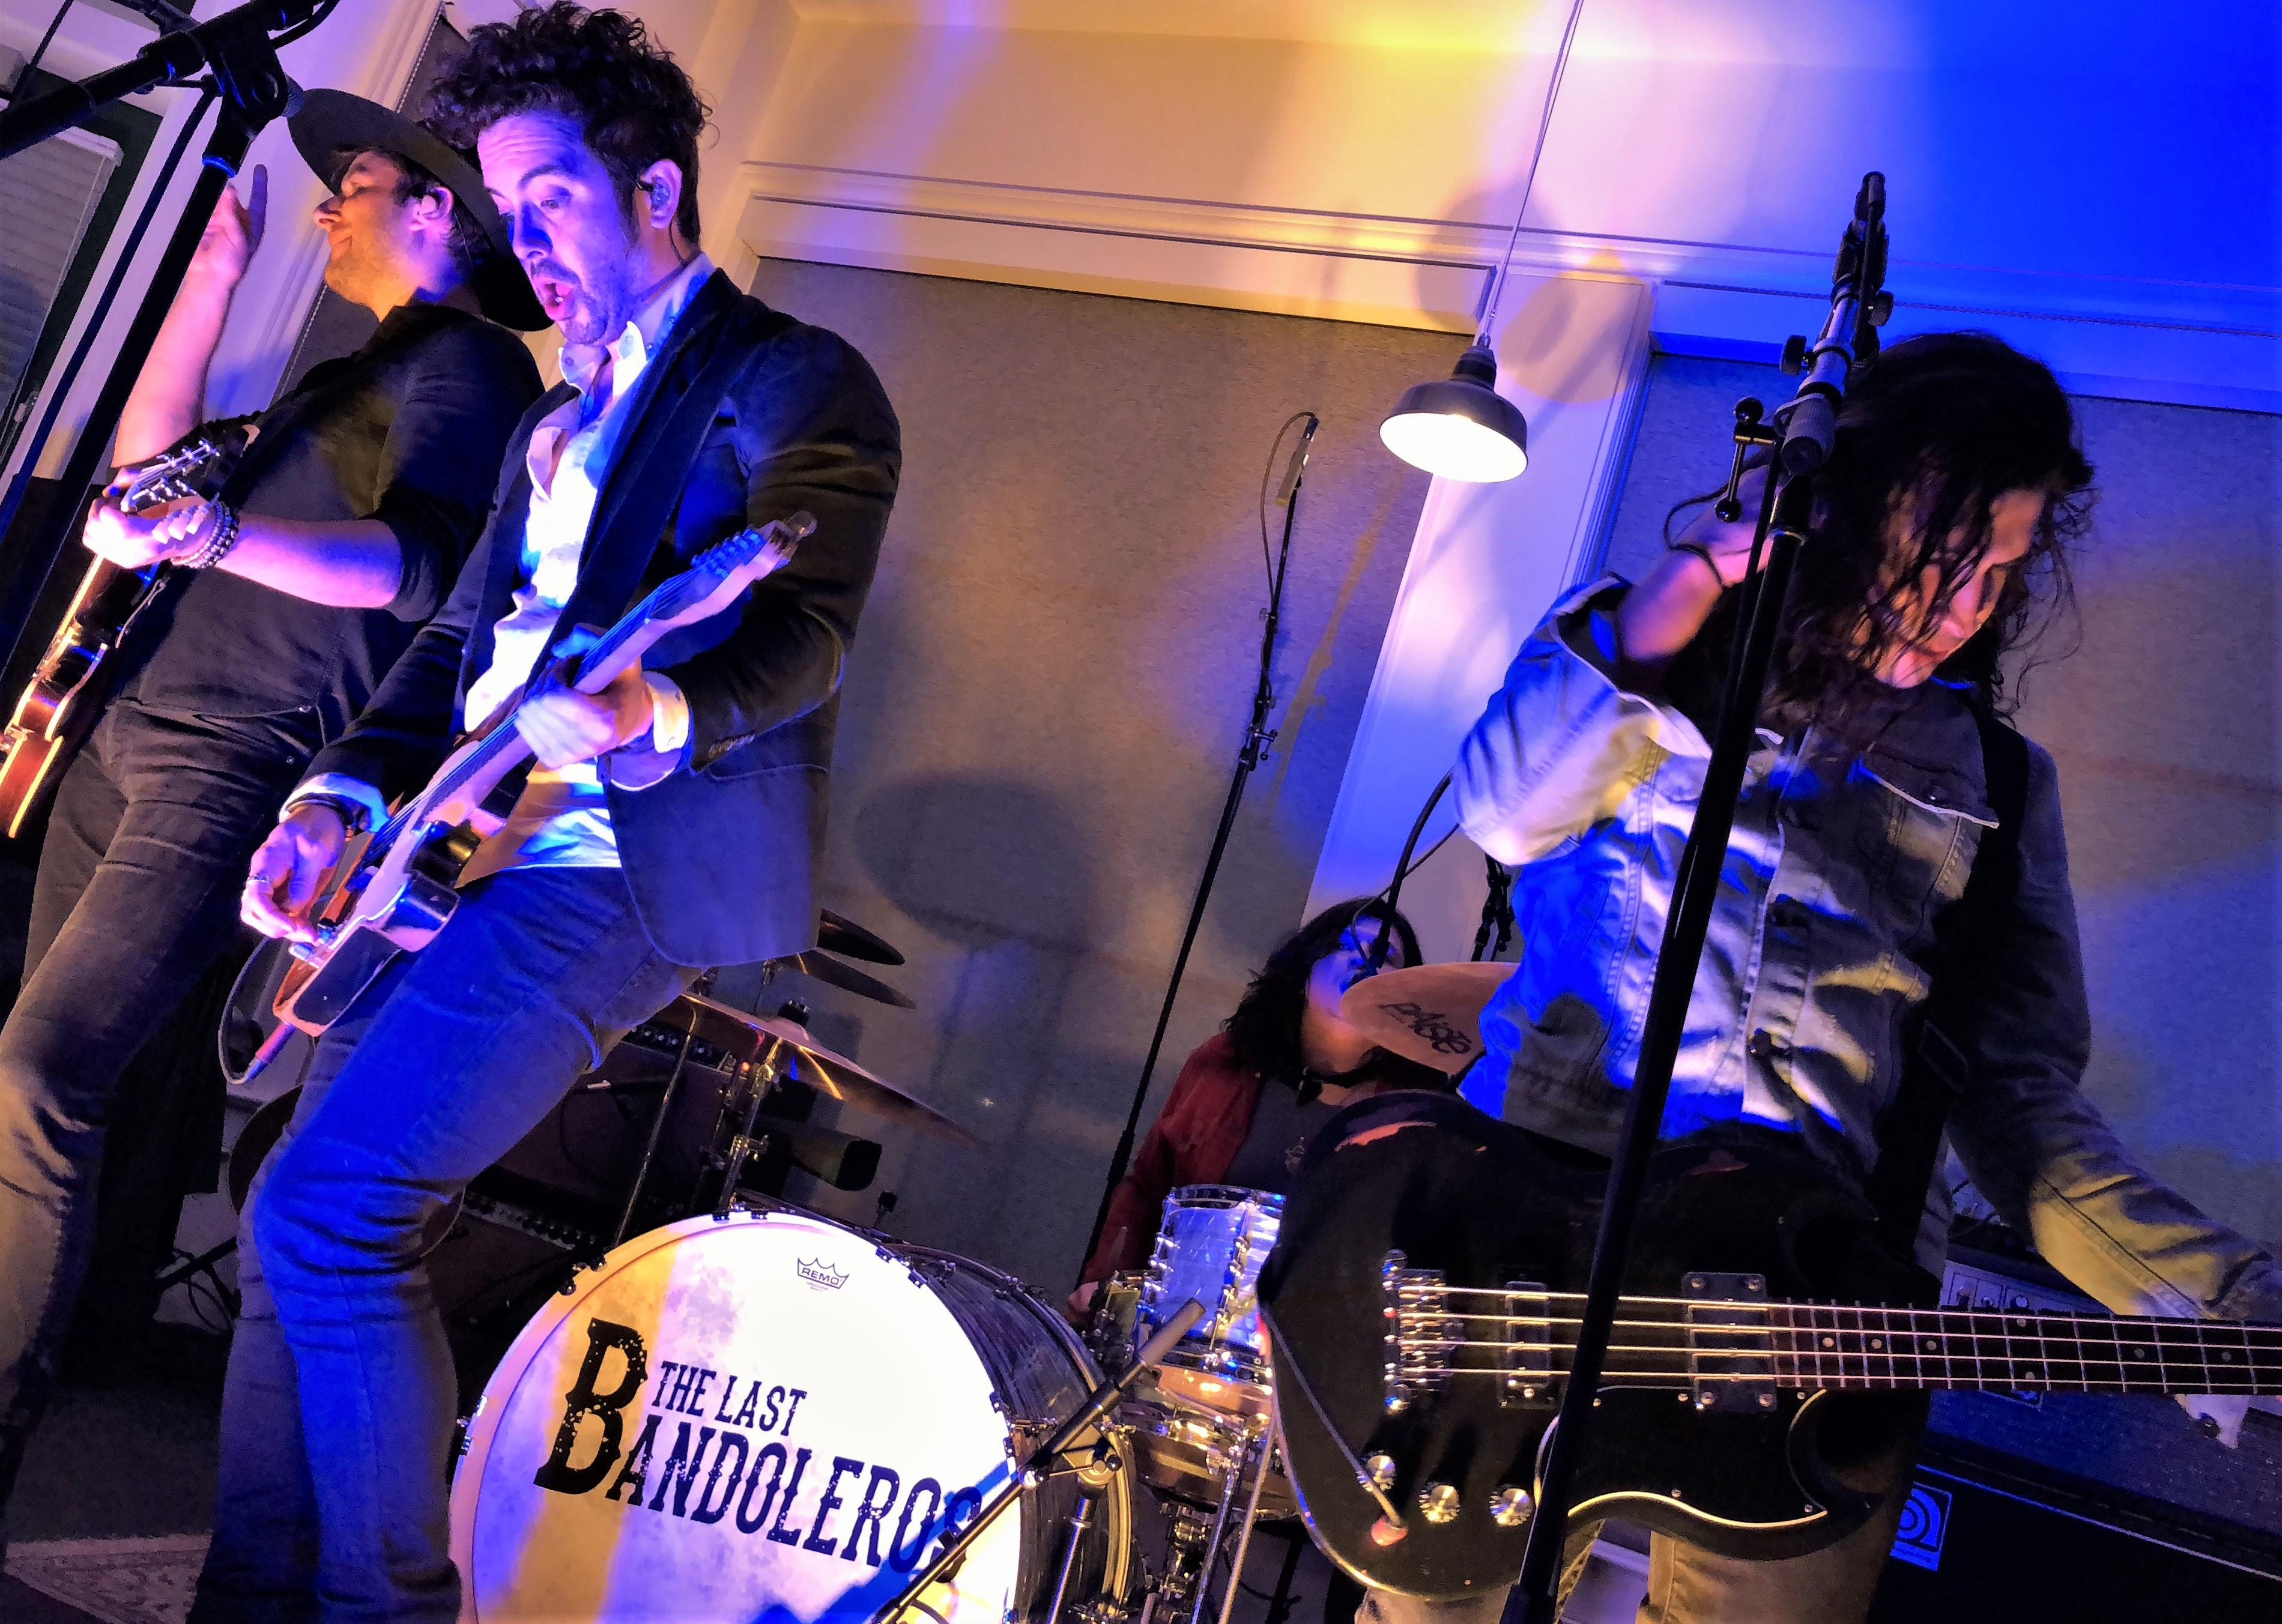 Hear the Last Bandoleros' Spanglish Love Song 'Enamorado'